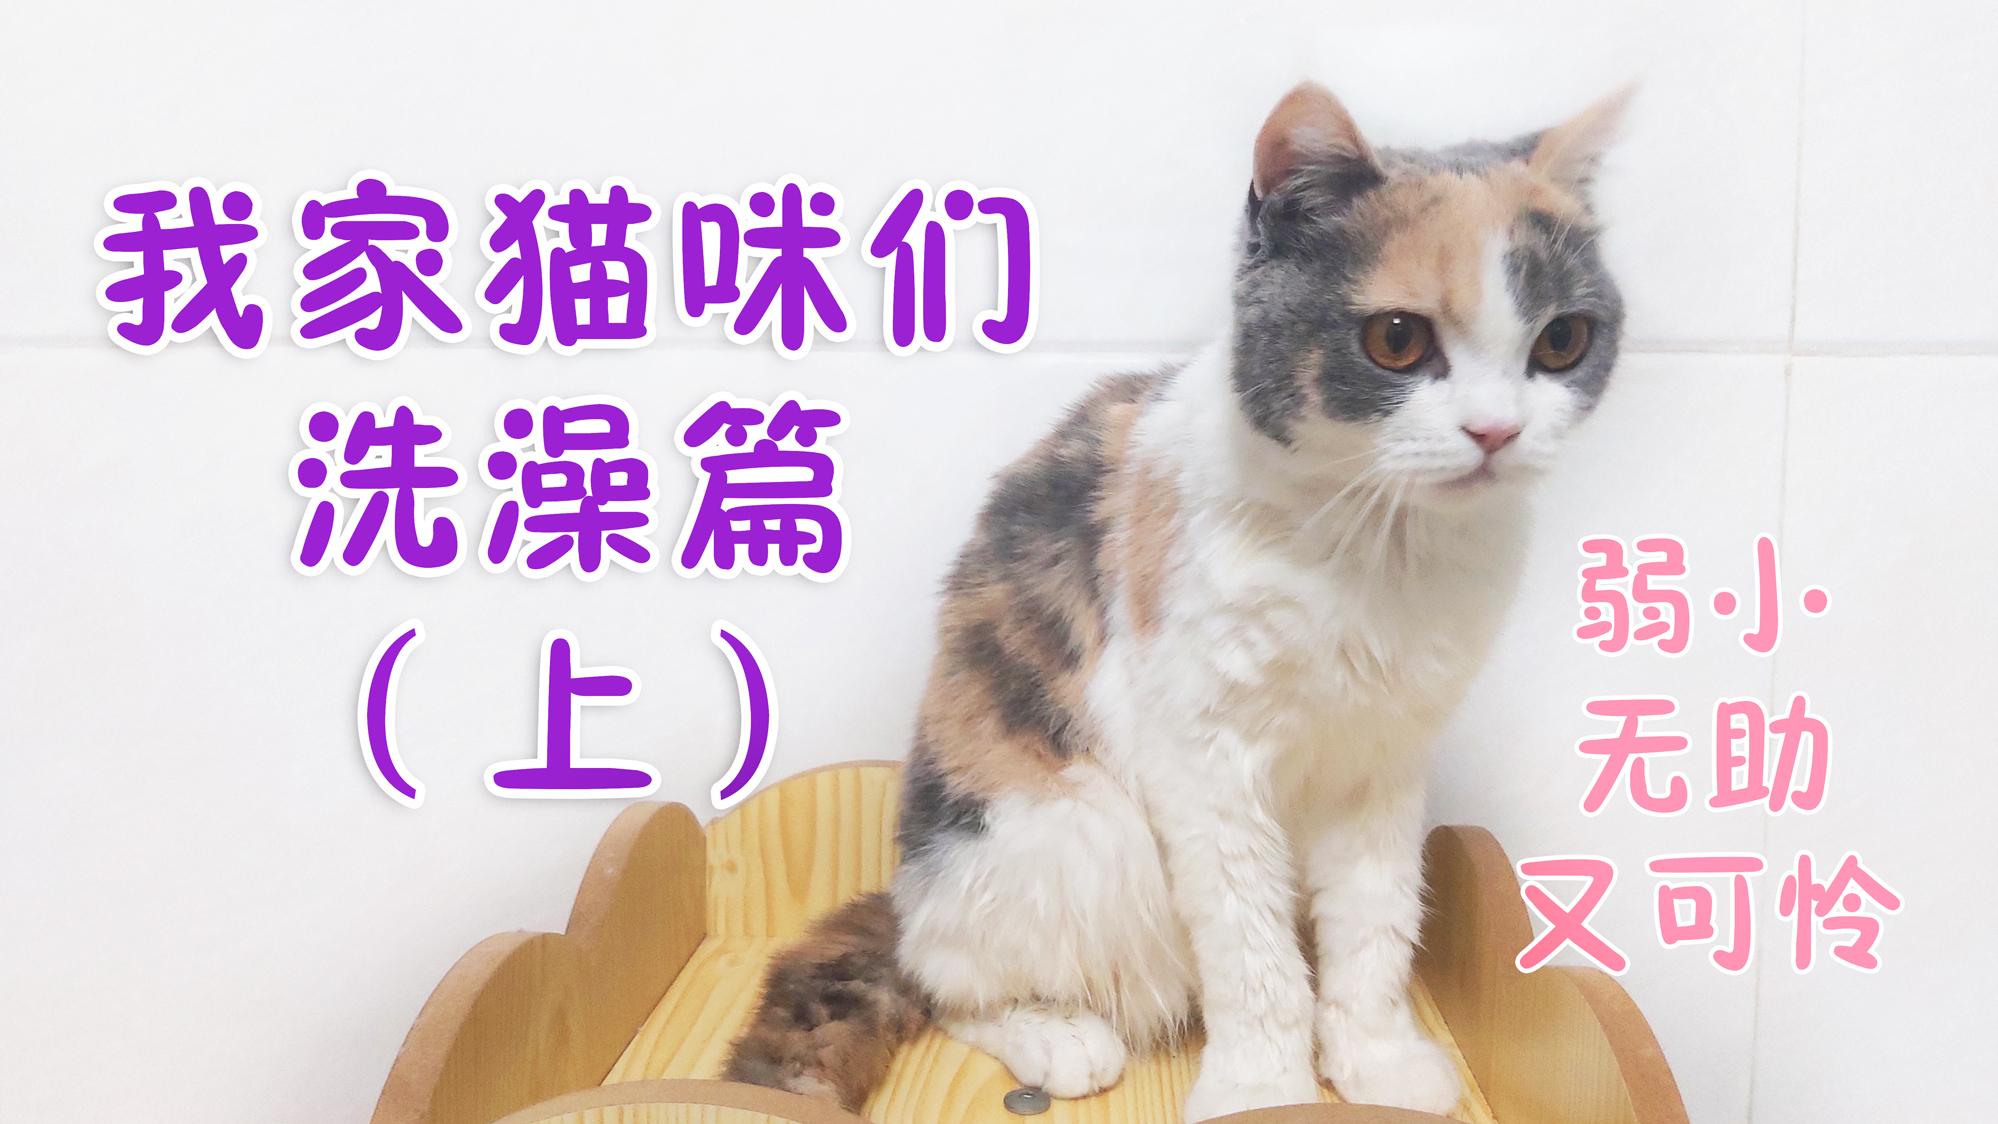 【超A新生计划】我家猫咪洗澡真乖~三花猫叫糯米糍哦!